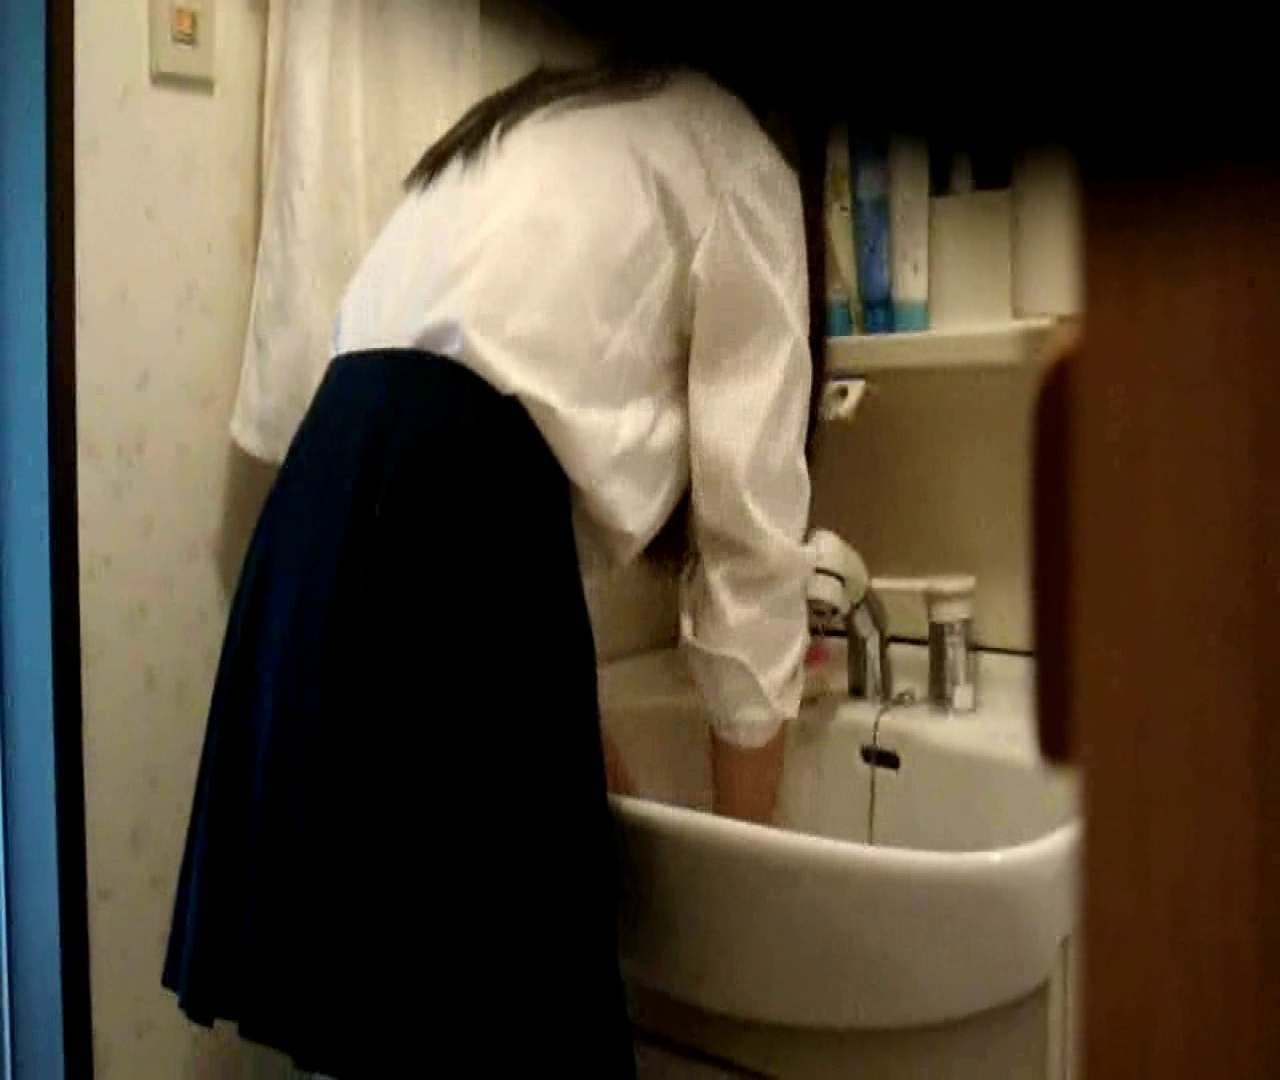 二人とも育てた甲斐がありました… vol.05 まどかが洗顔後にブラを洗濯 盗撮特集   おまんこ  86画像 19